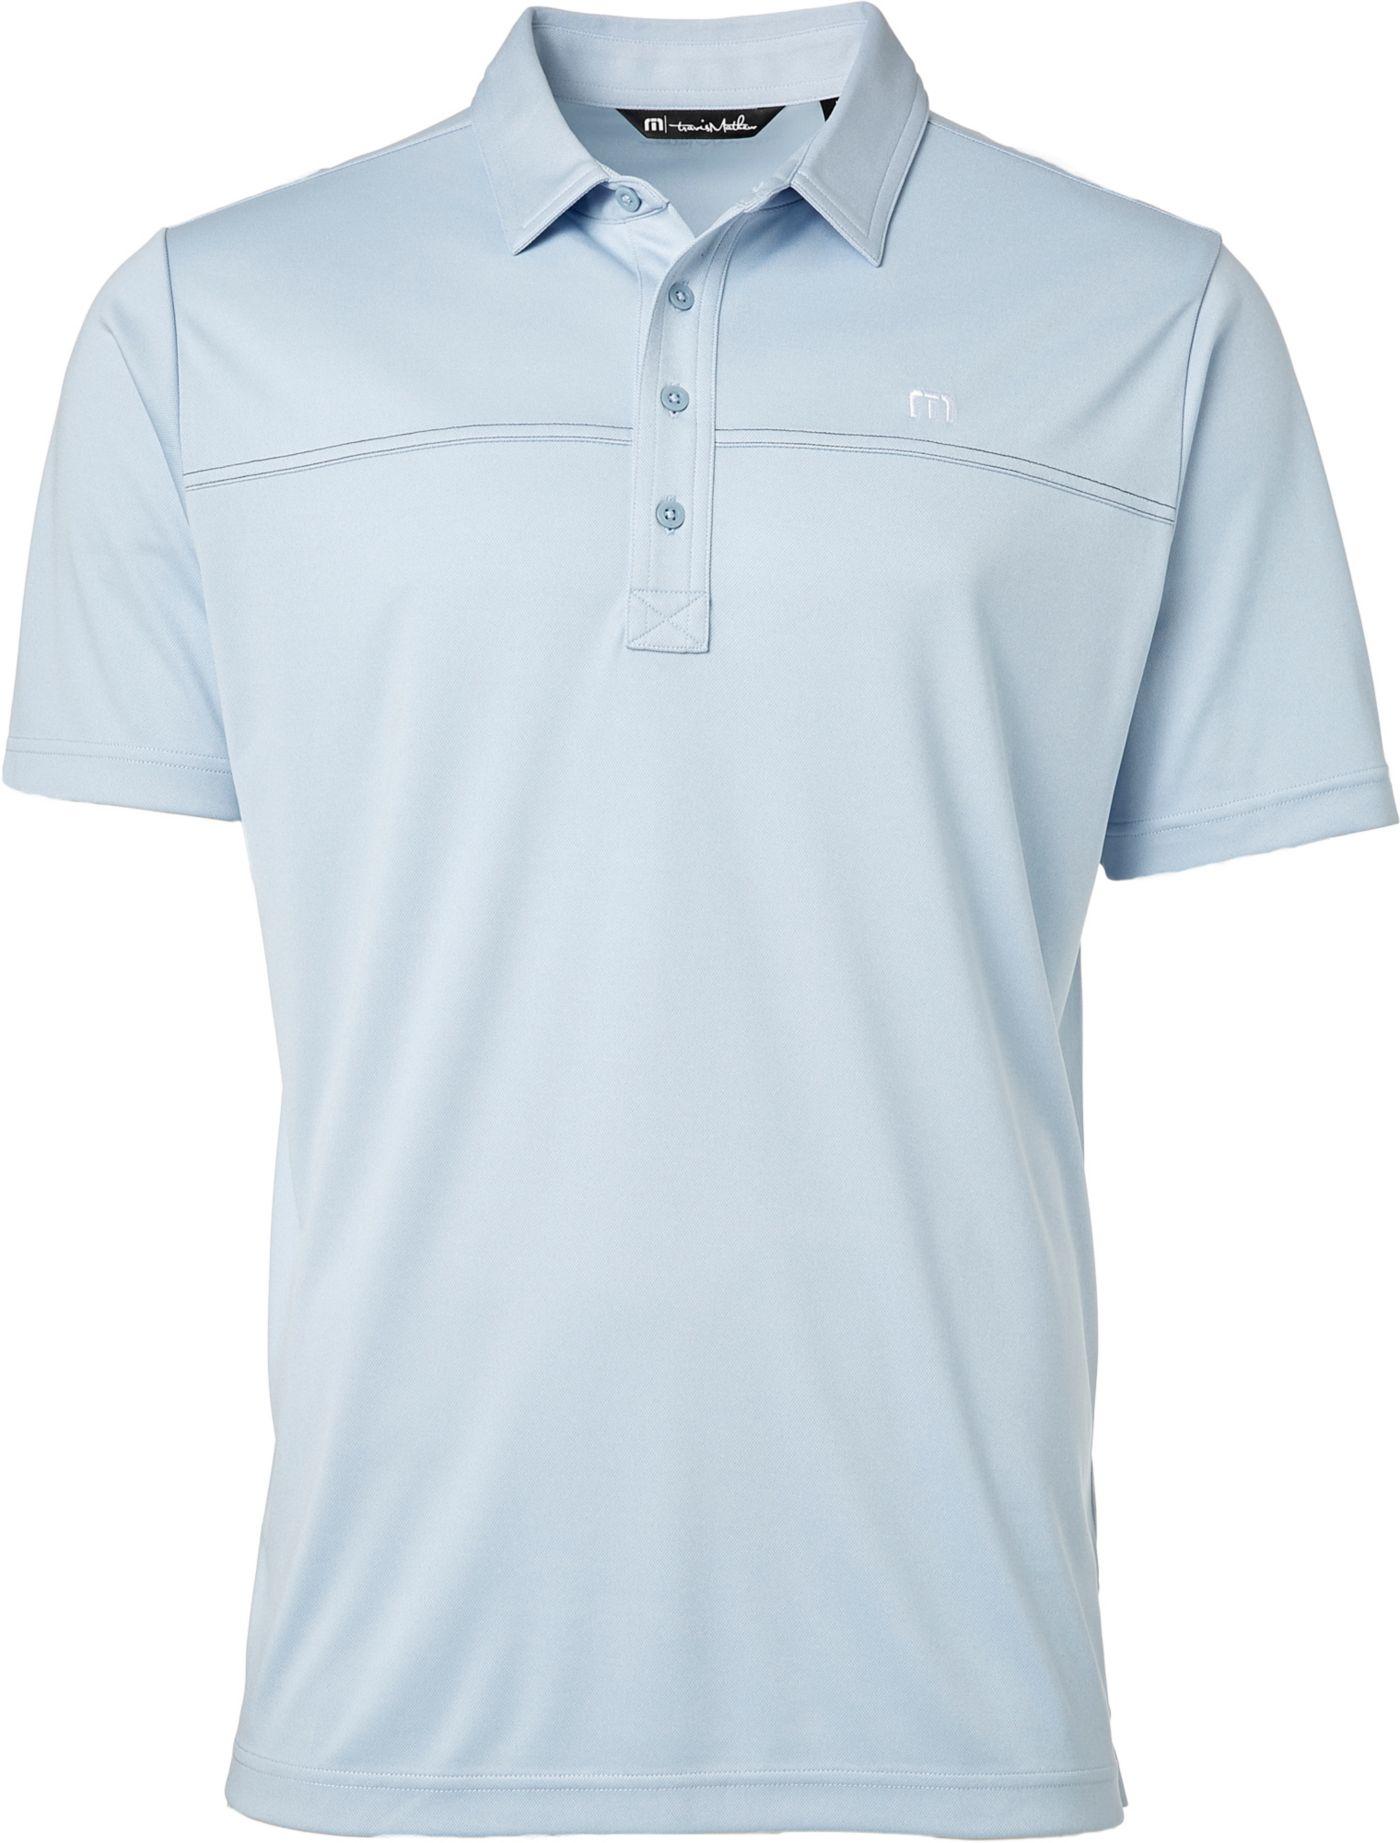 TravisMathew Men's Player Golf Polo